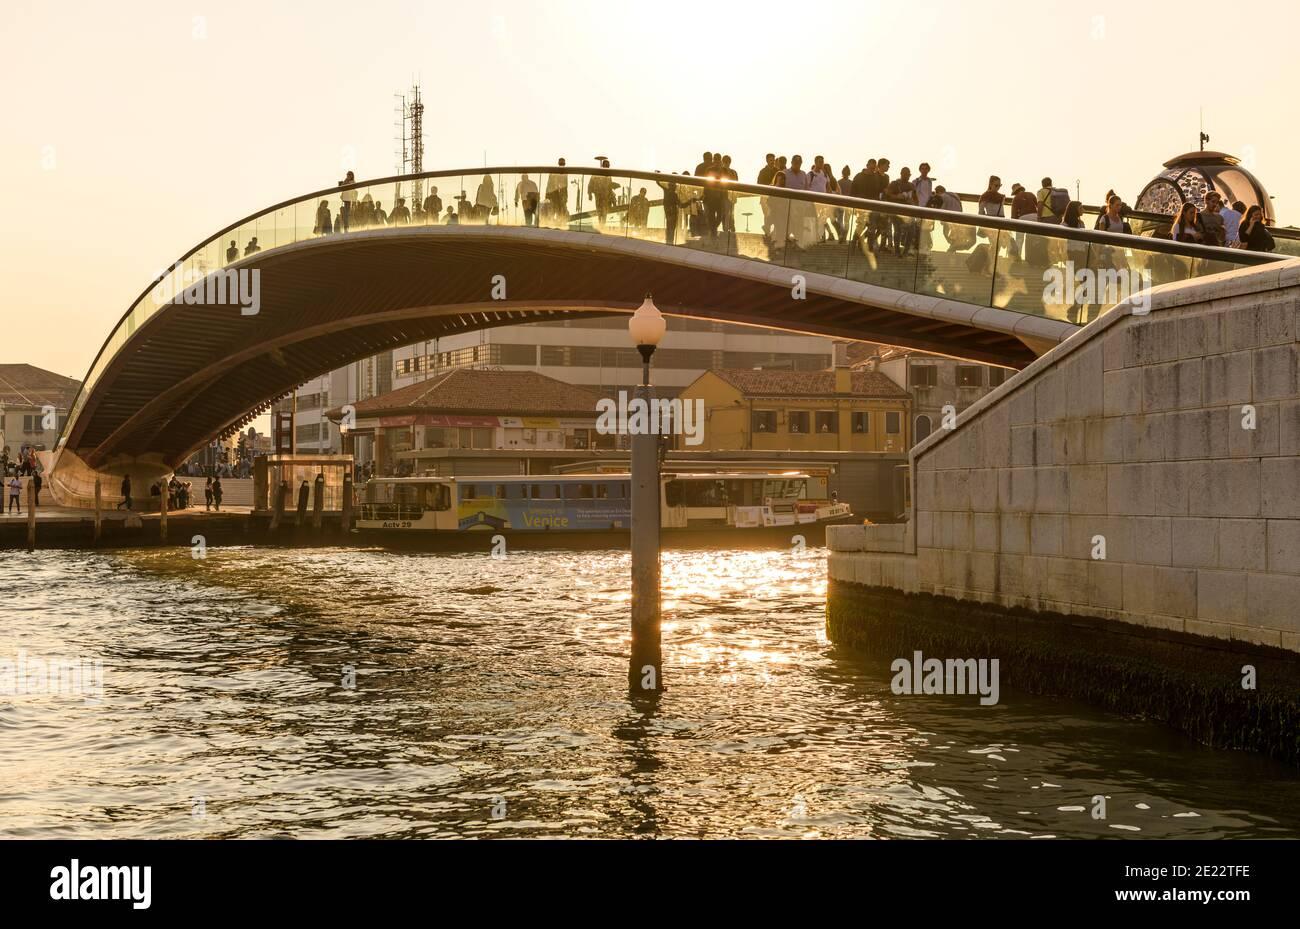 Ponte moderno - veduta serale del Ponte della Costituzione, che collega la Stazione ferroviaria Santa Lucia e Piazzale Roma, sul Canal Grande a Venezia, Italia. Foto Stock